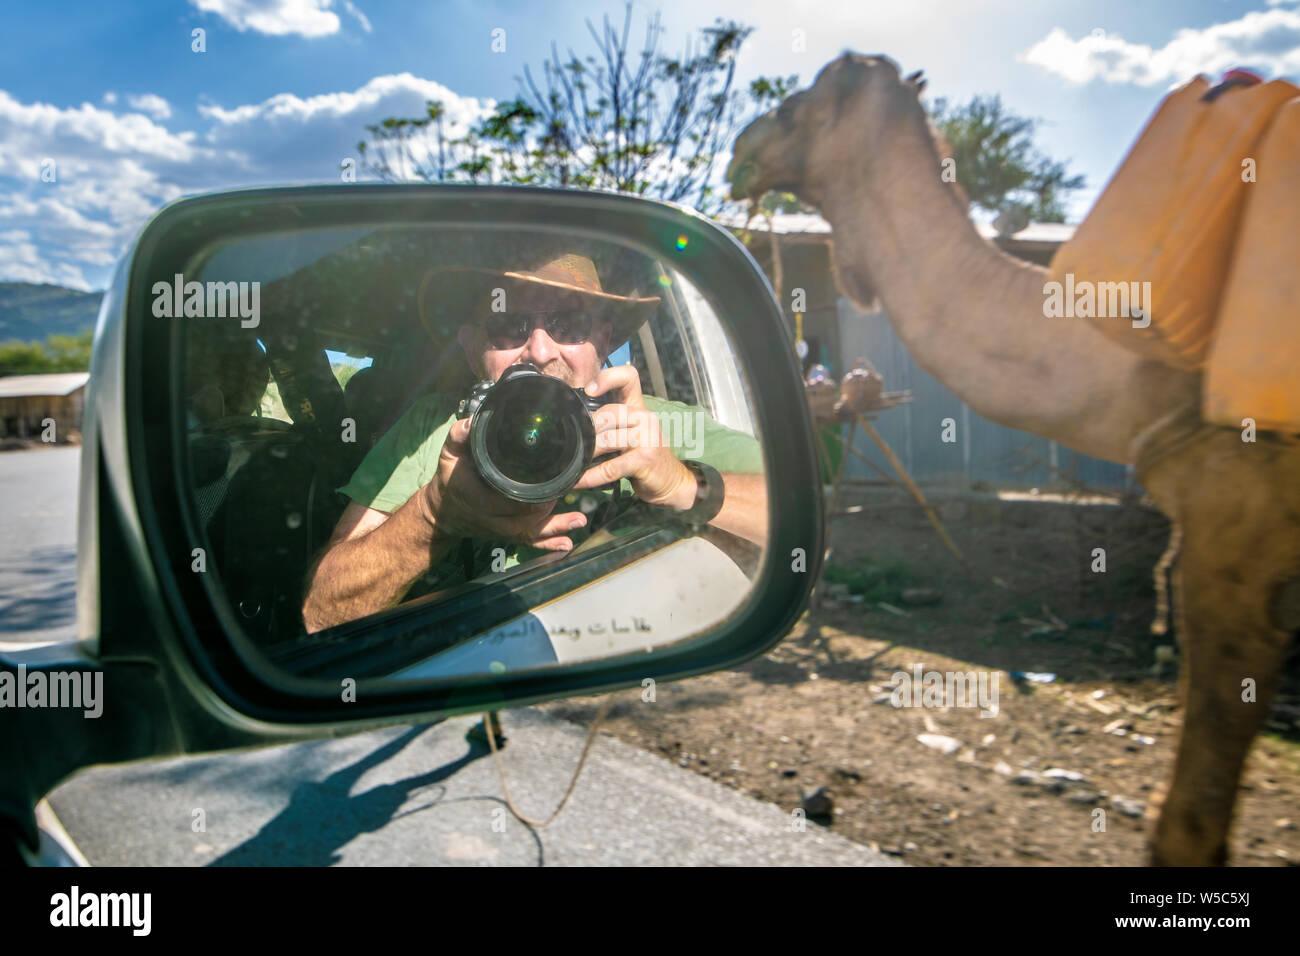 Camel Car Stock Photos & Camel Car Stock Images - Page 3 - Alamy